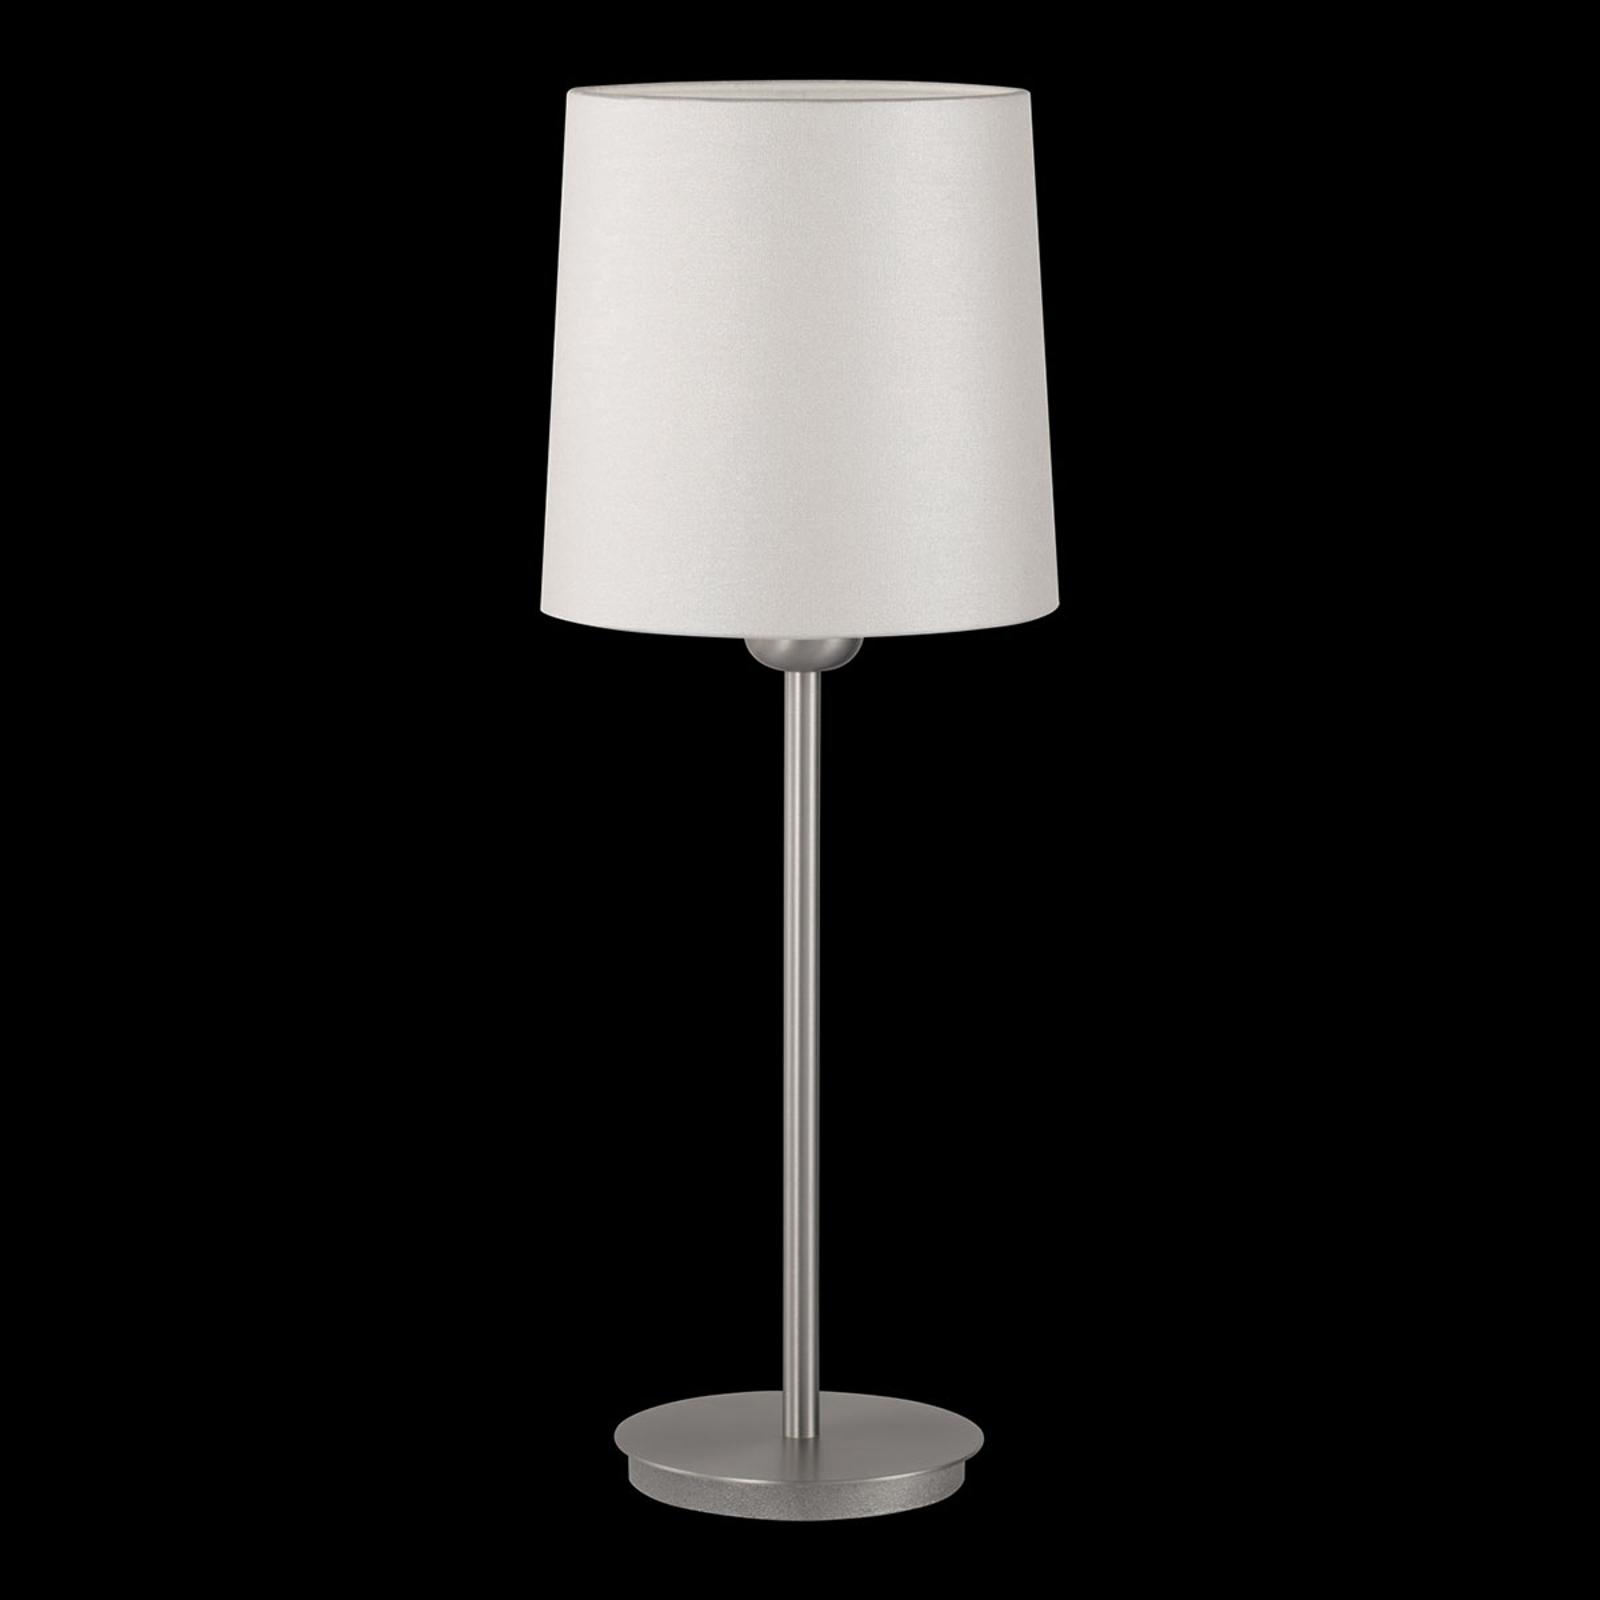 Lampa stołowa Havanna z efektem masy perłowej